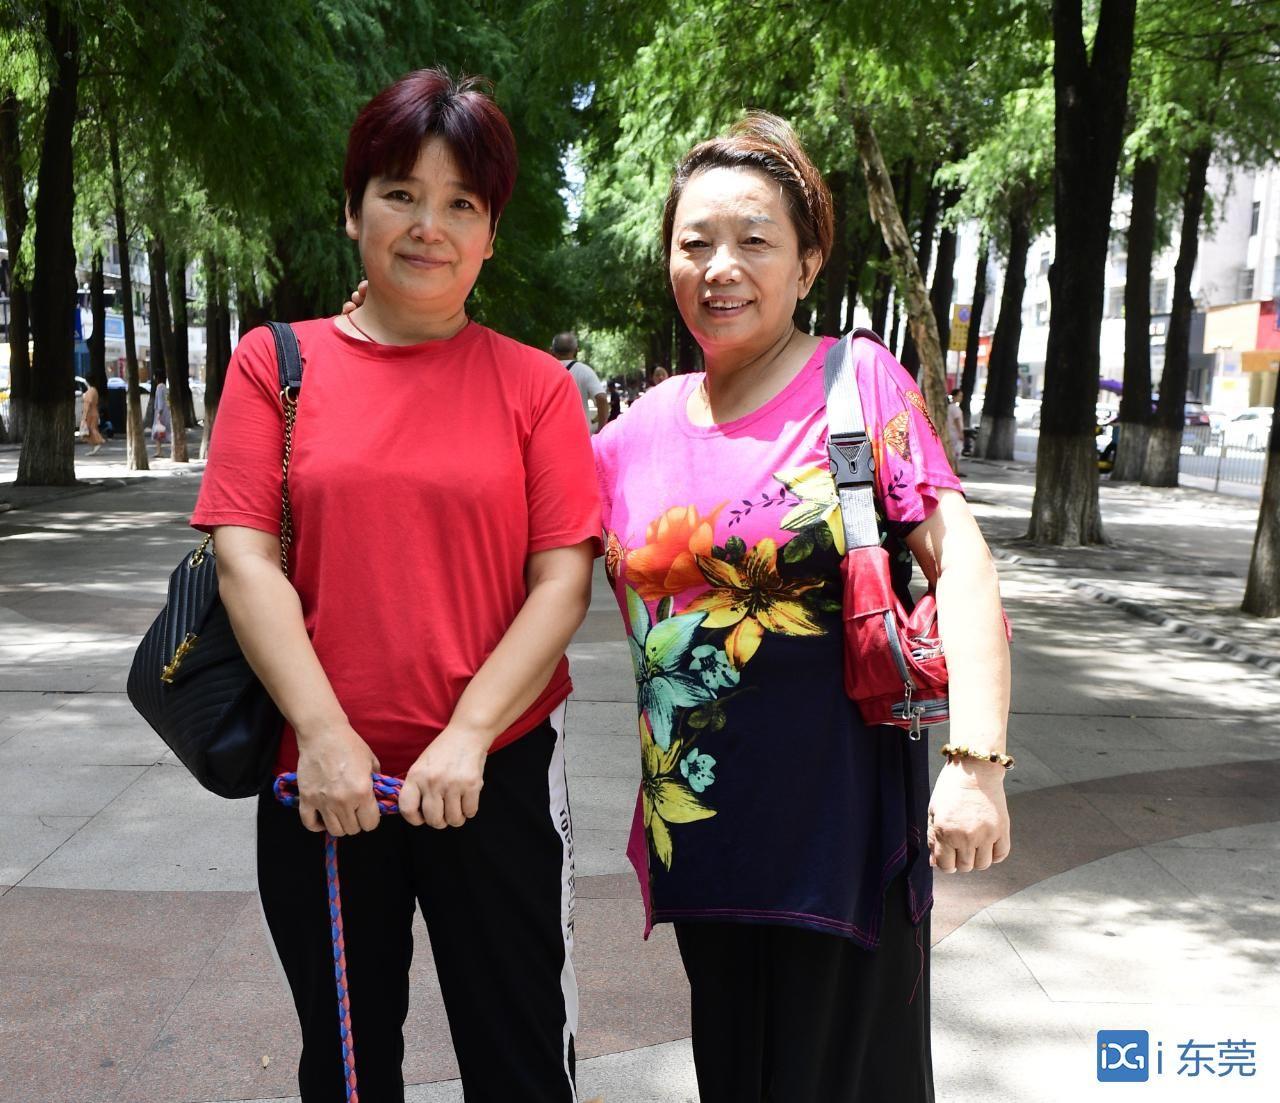 长安:女子宫外孕晕倒街头 两位好心阿姨背她到医院